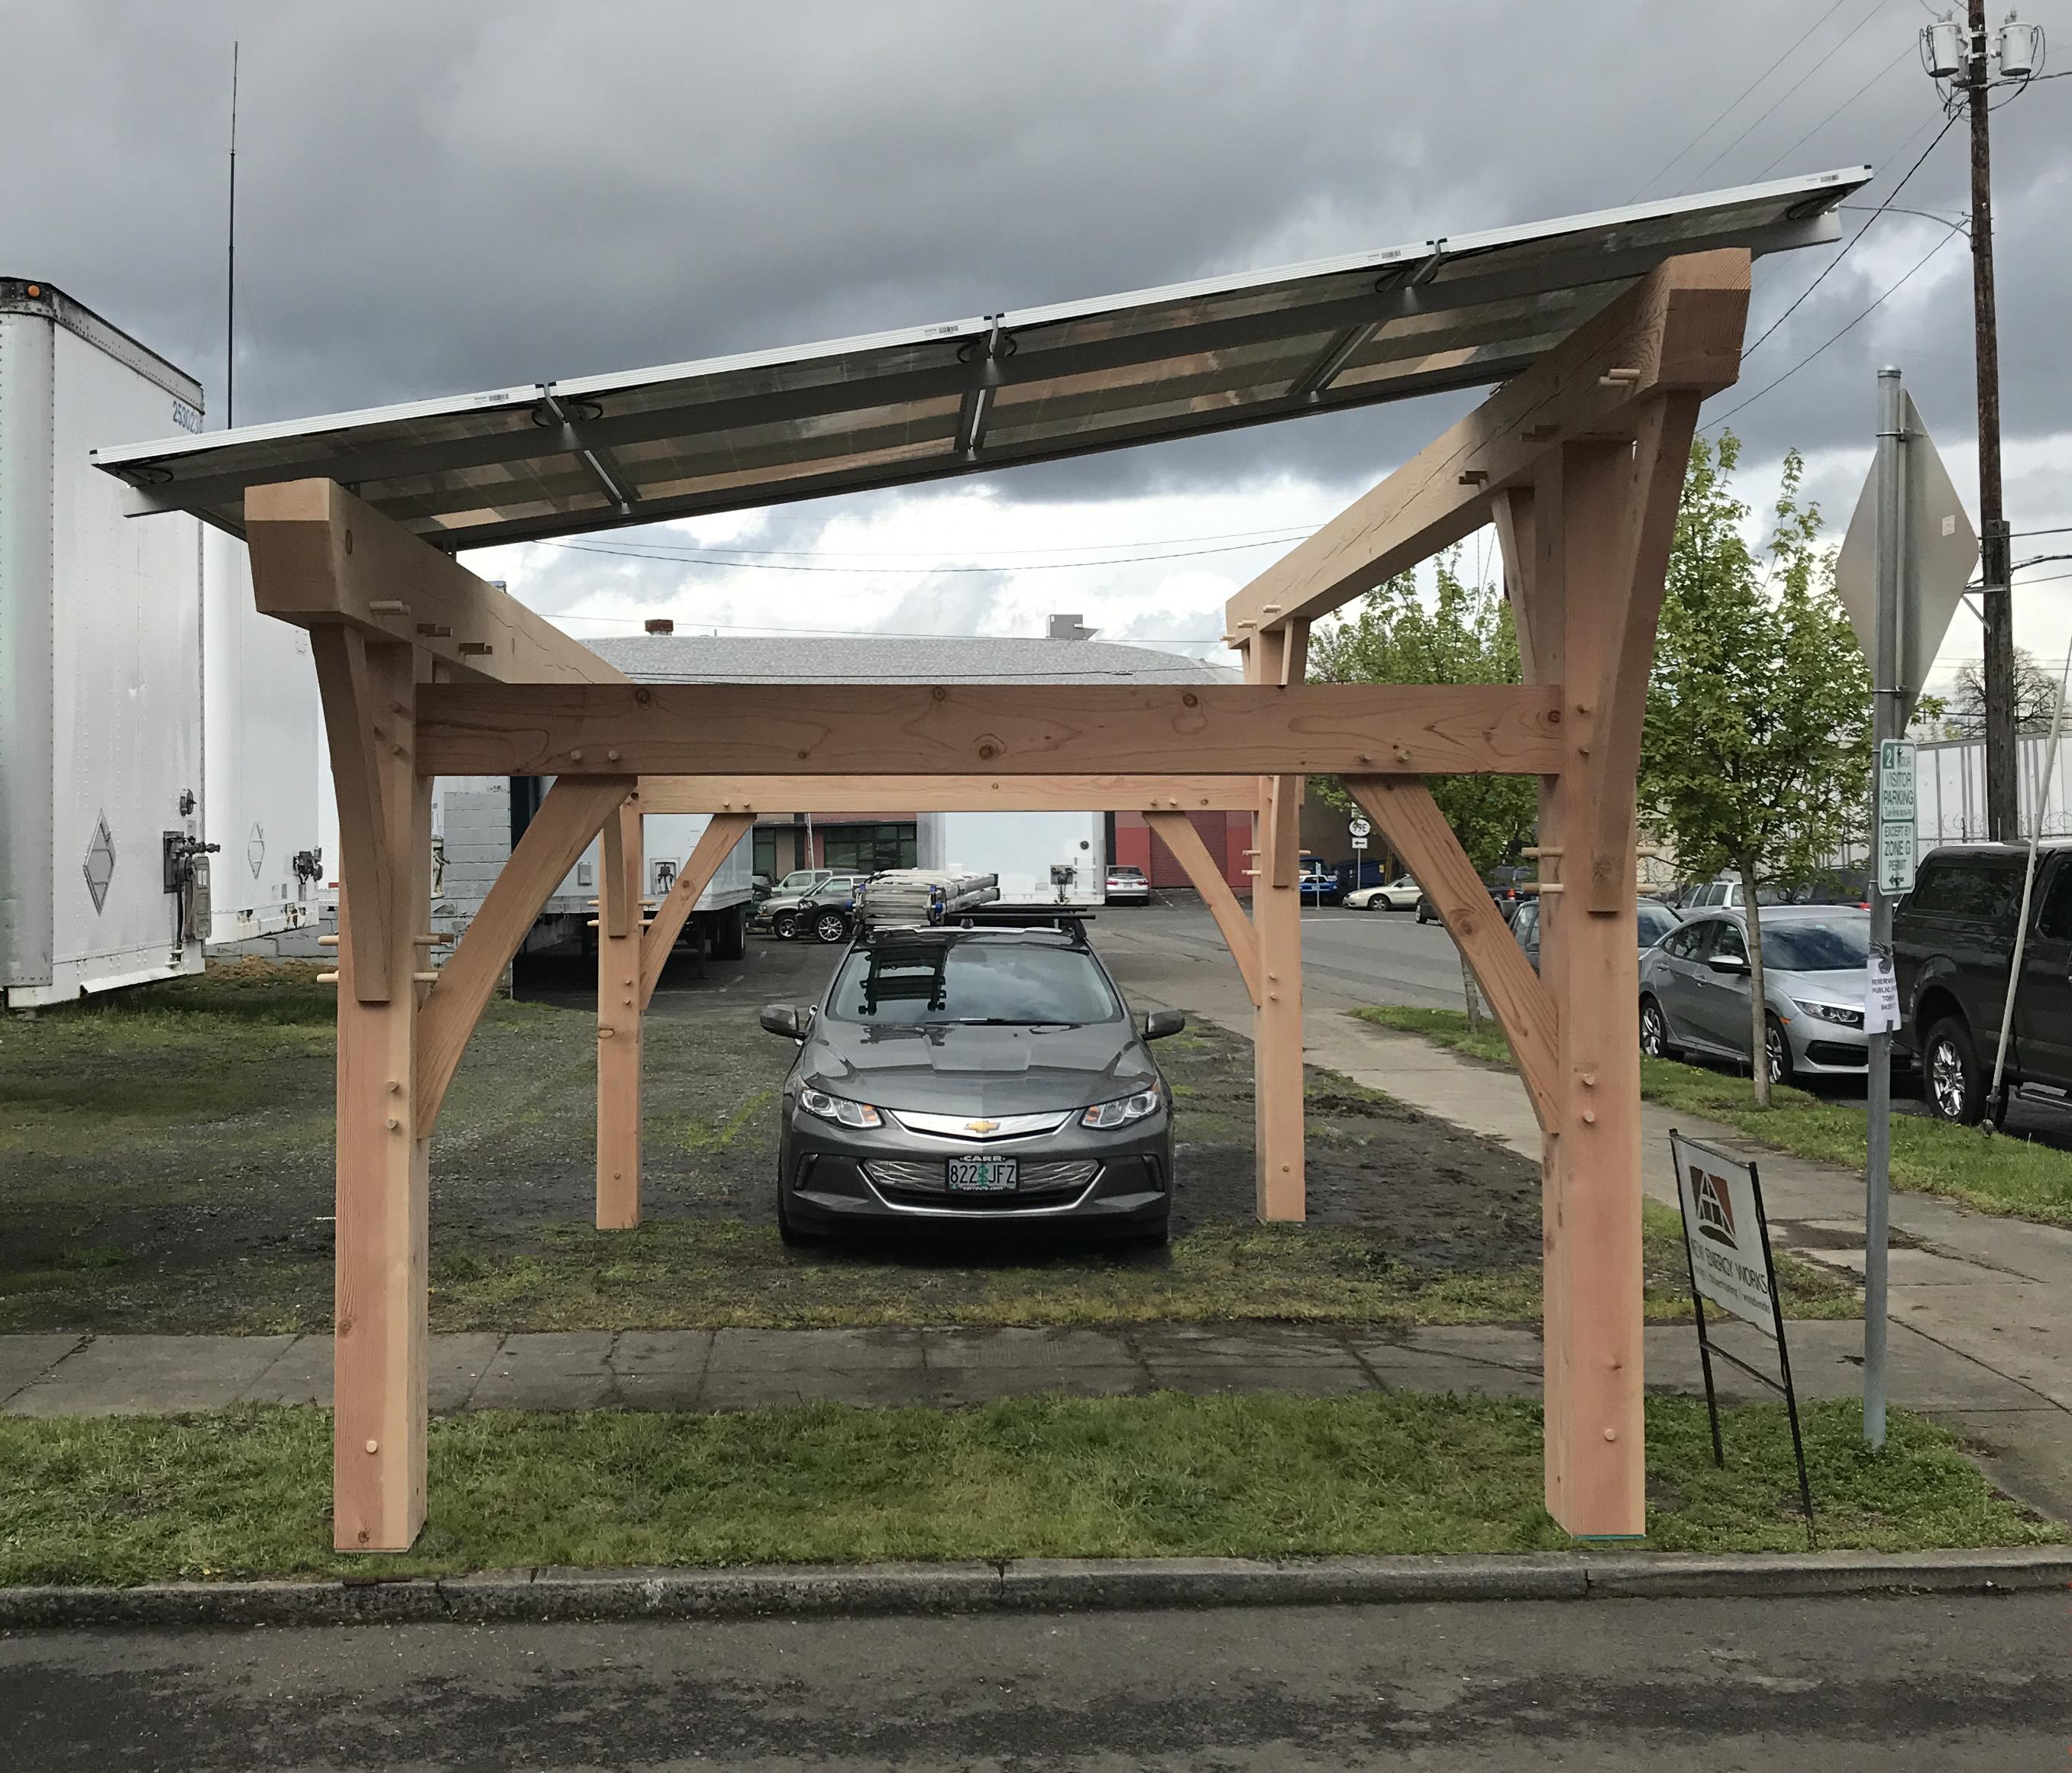 4 solar panels atop Douglas fir timbers